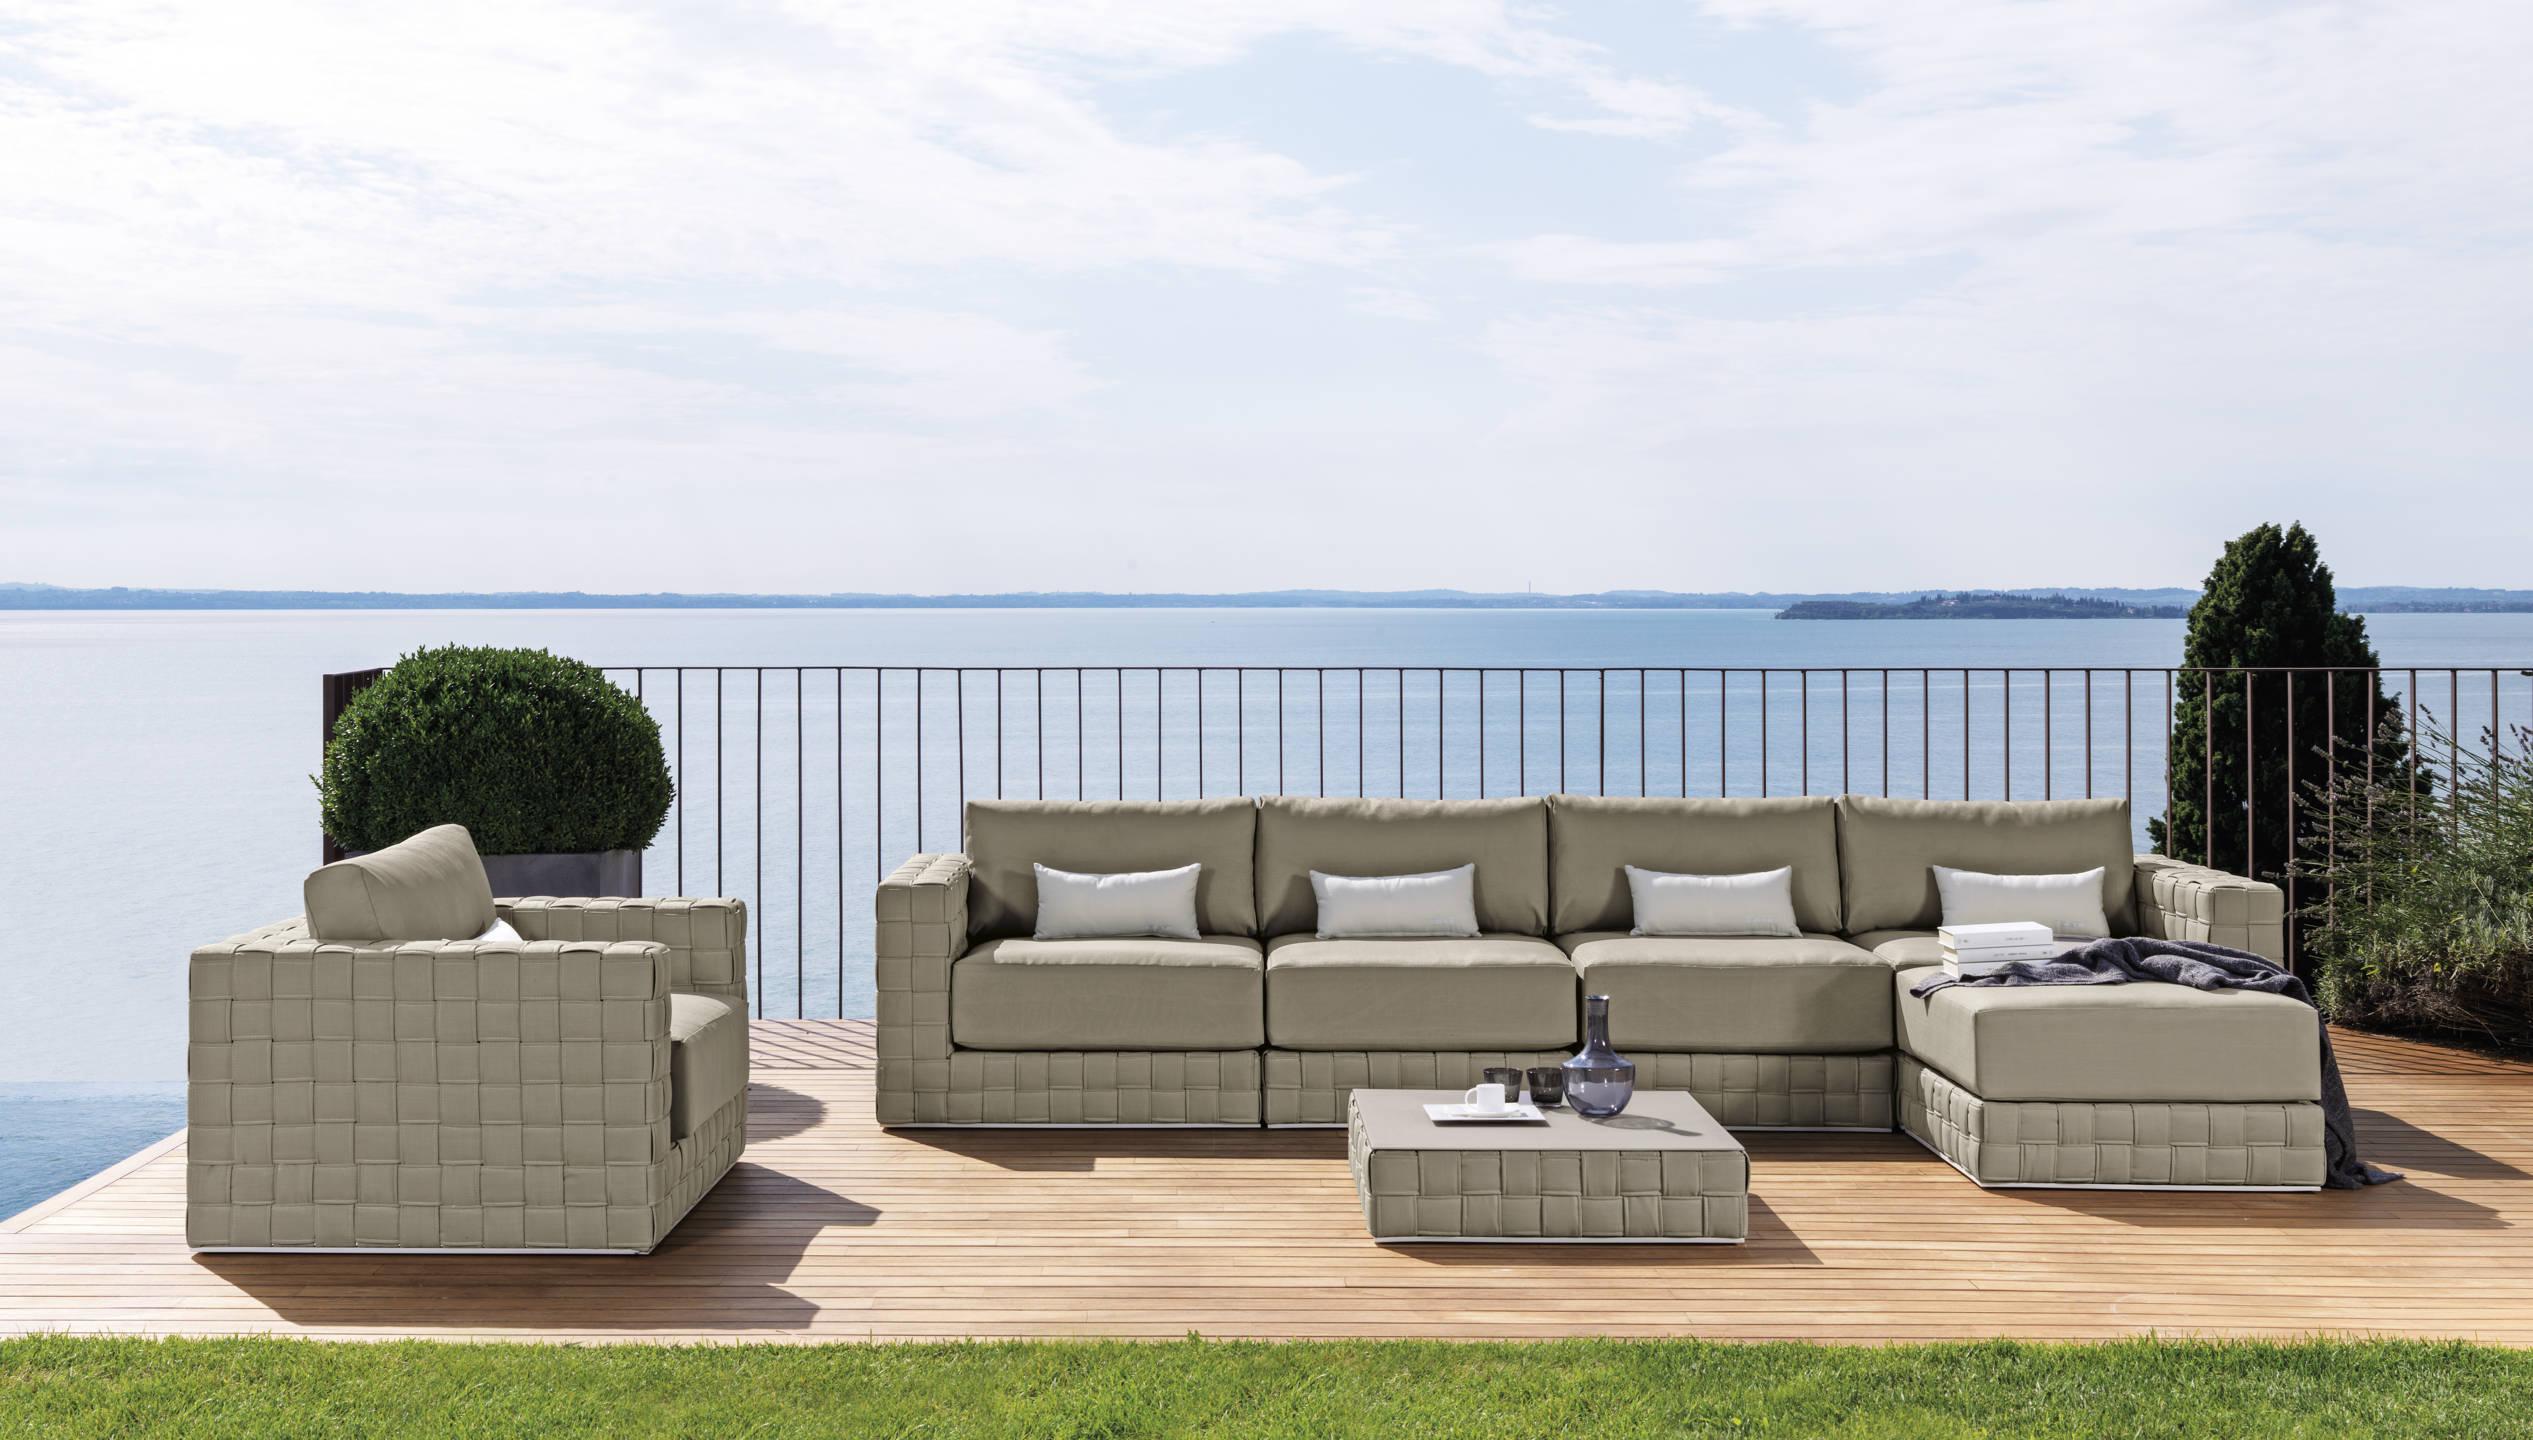 Divani Per Esterni Rattan : Divani in rattan per esterno bello divano letto da giardino ikea